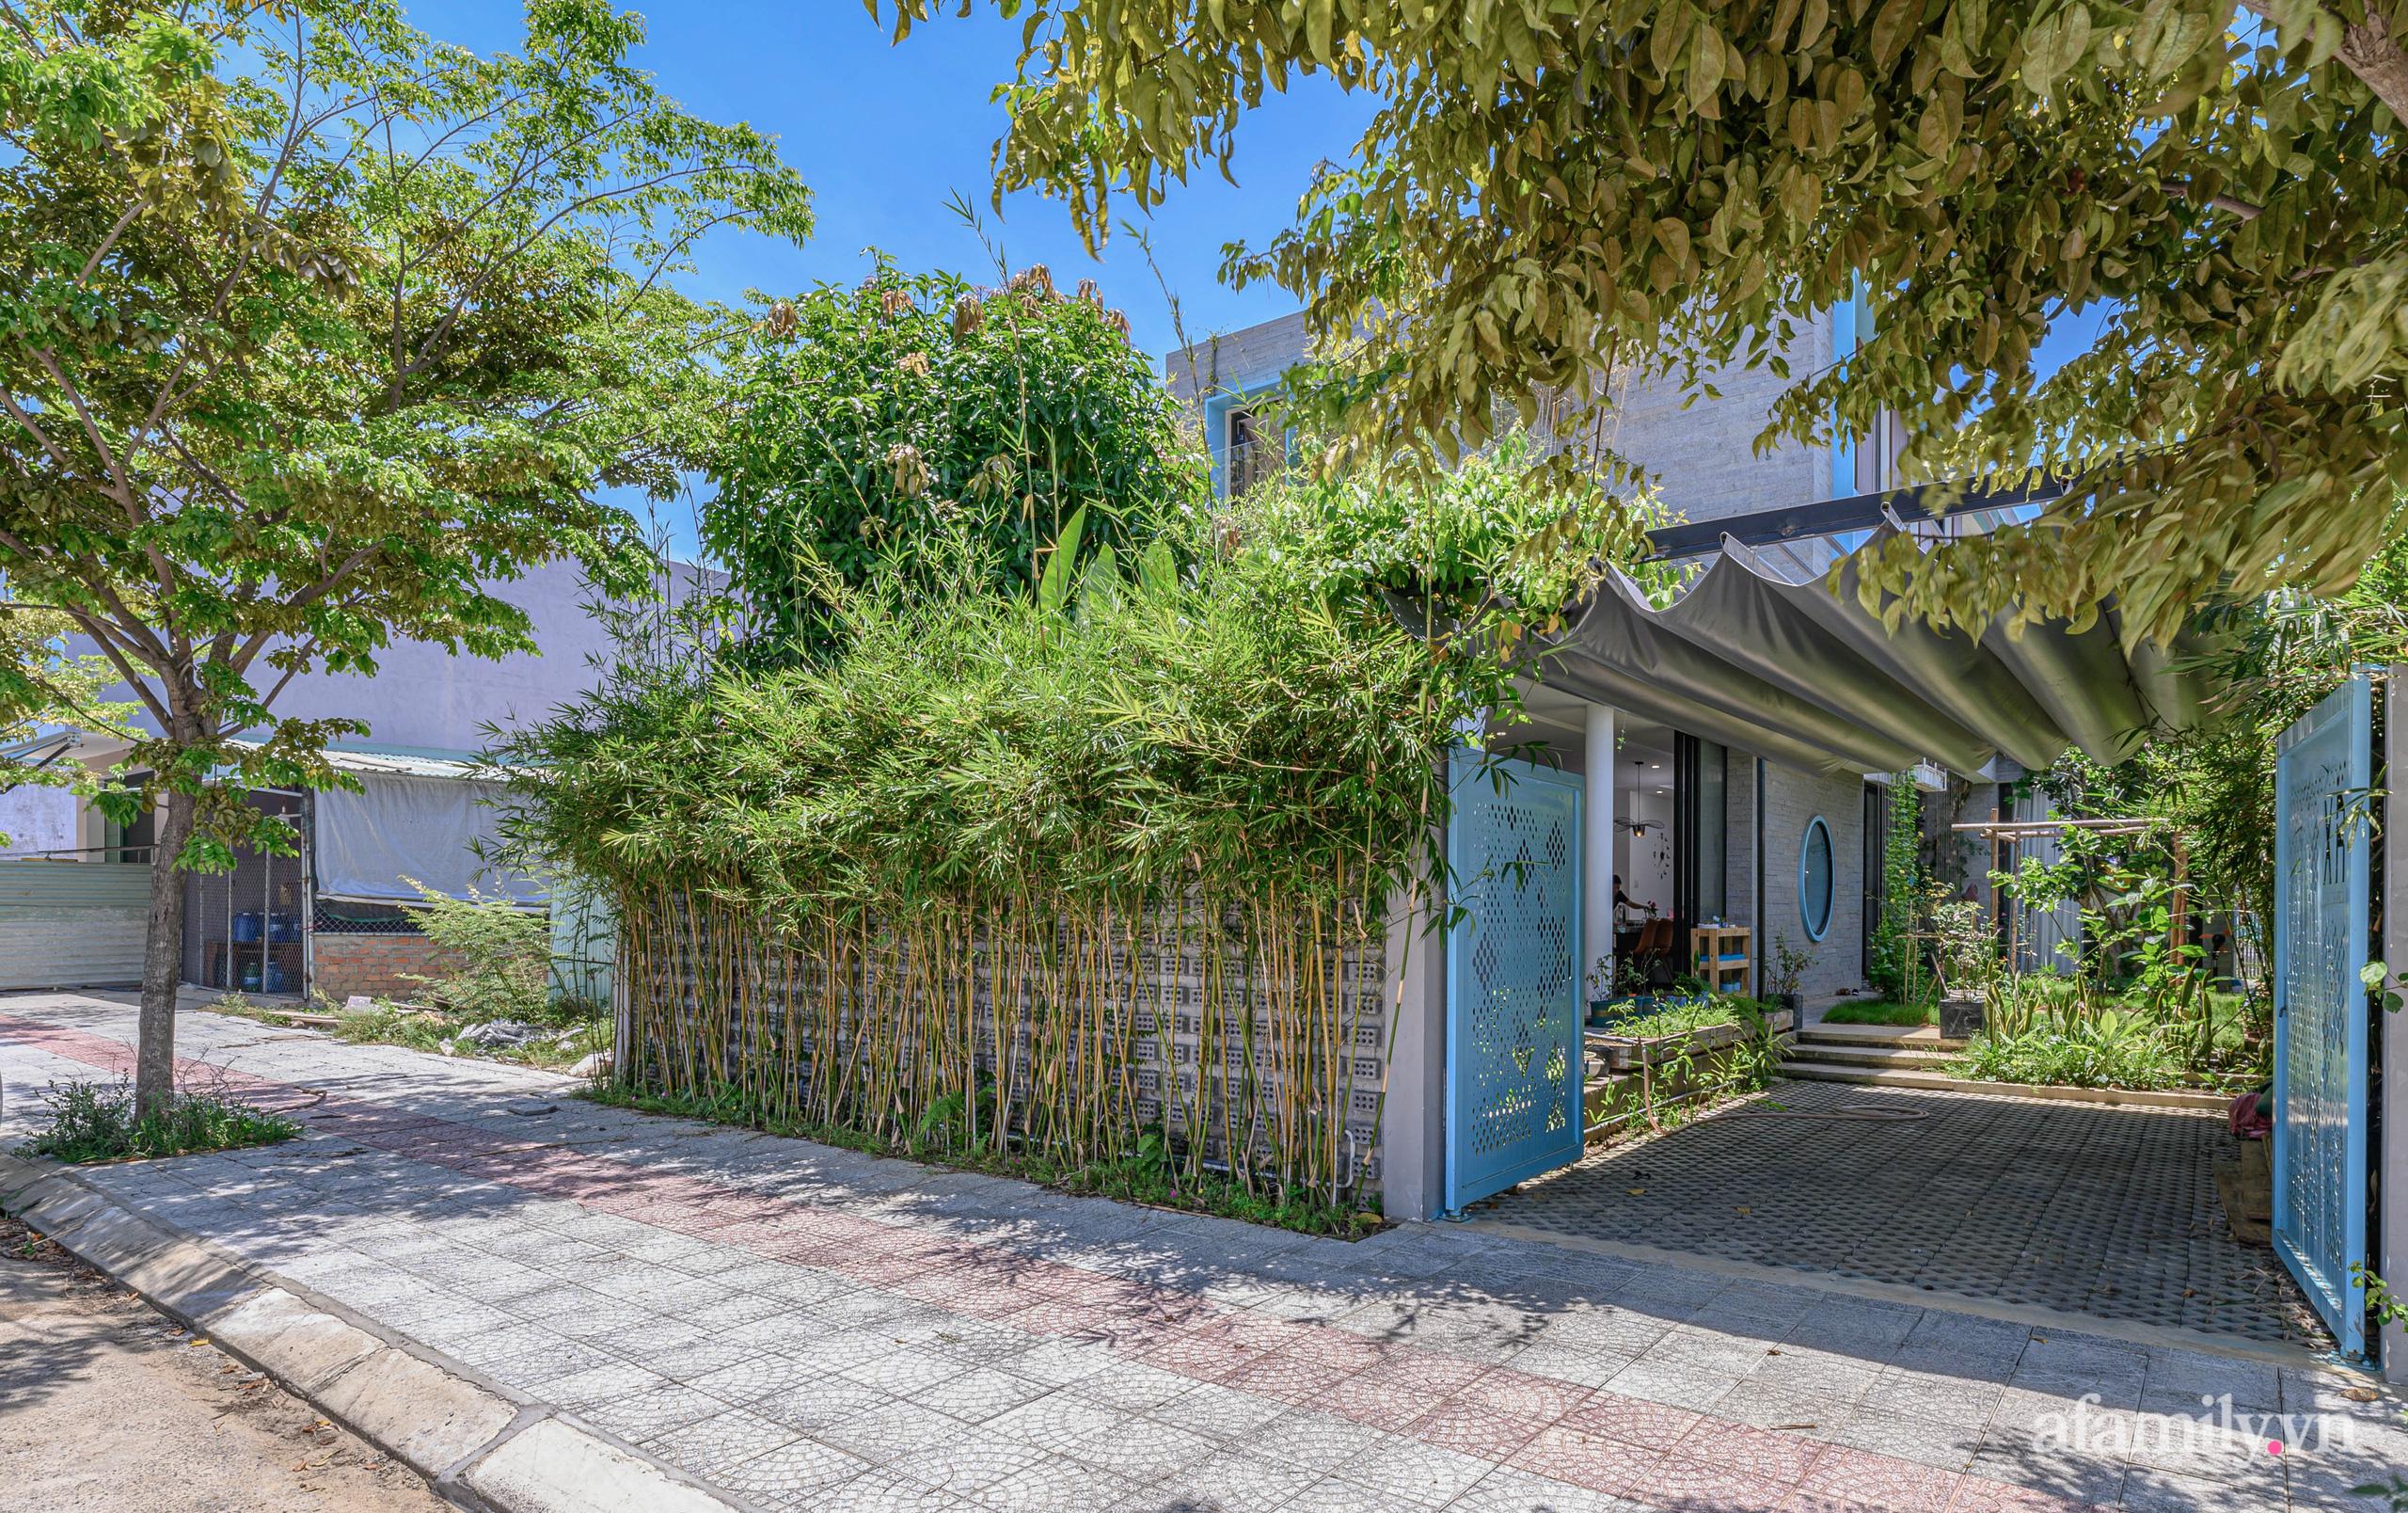 Ngôi nhà nhiều cây xanh và ánh sáng gói trọn bình yên của cặp vợ chồng kiến trúc sư ở Đà Nẵng - Ảnh 2.